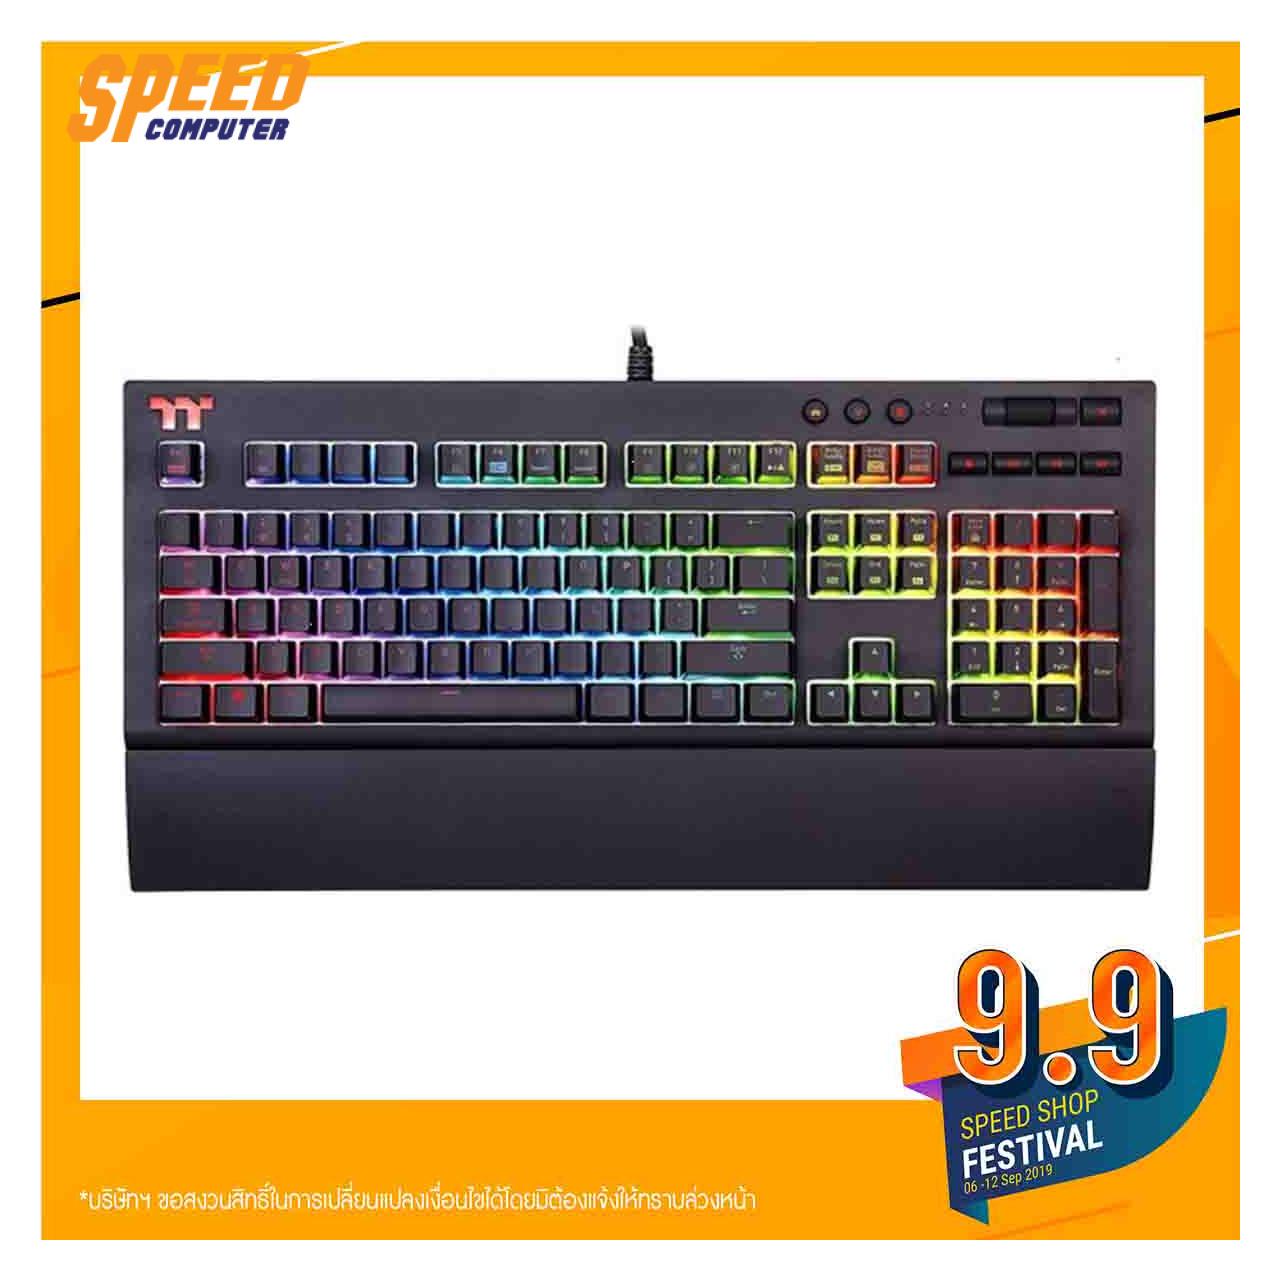 KB-TPX-BLBRTH-01